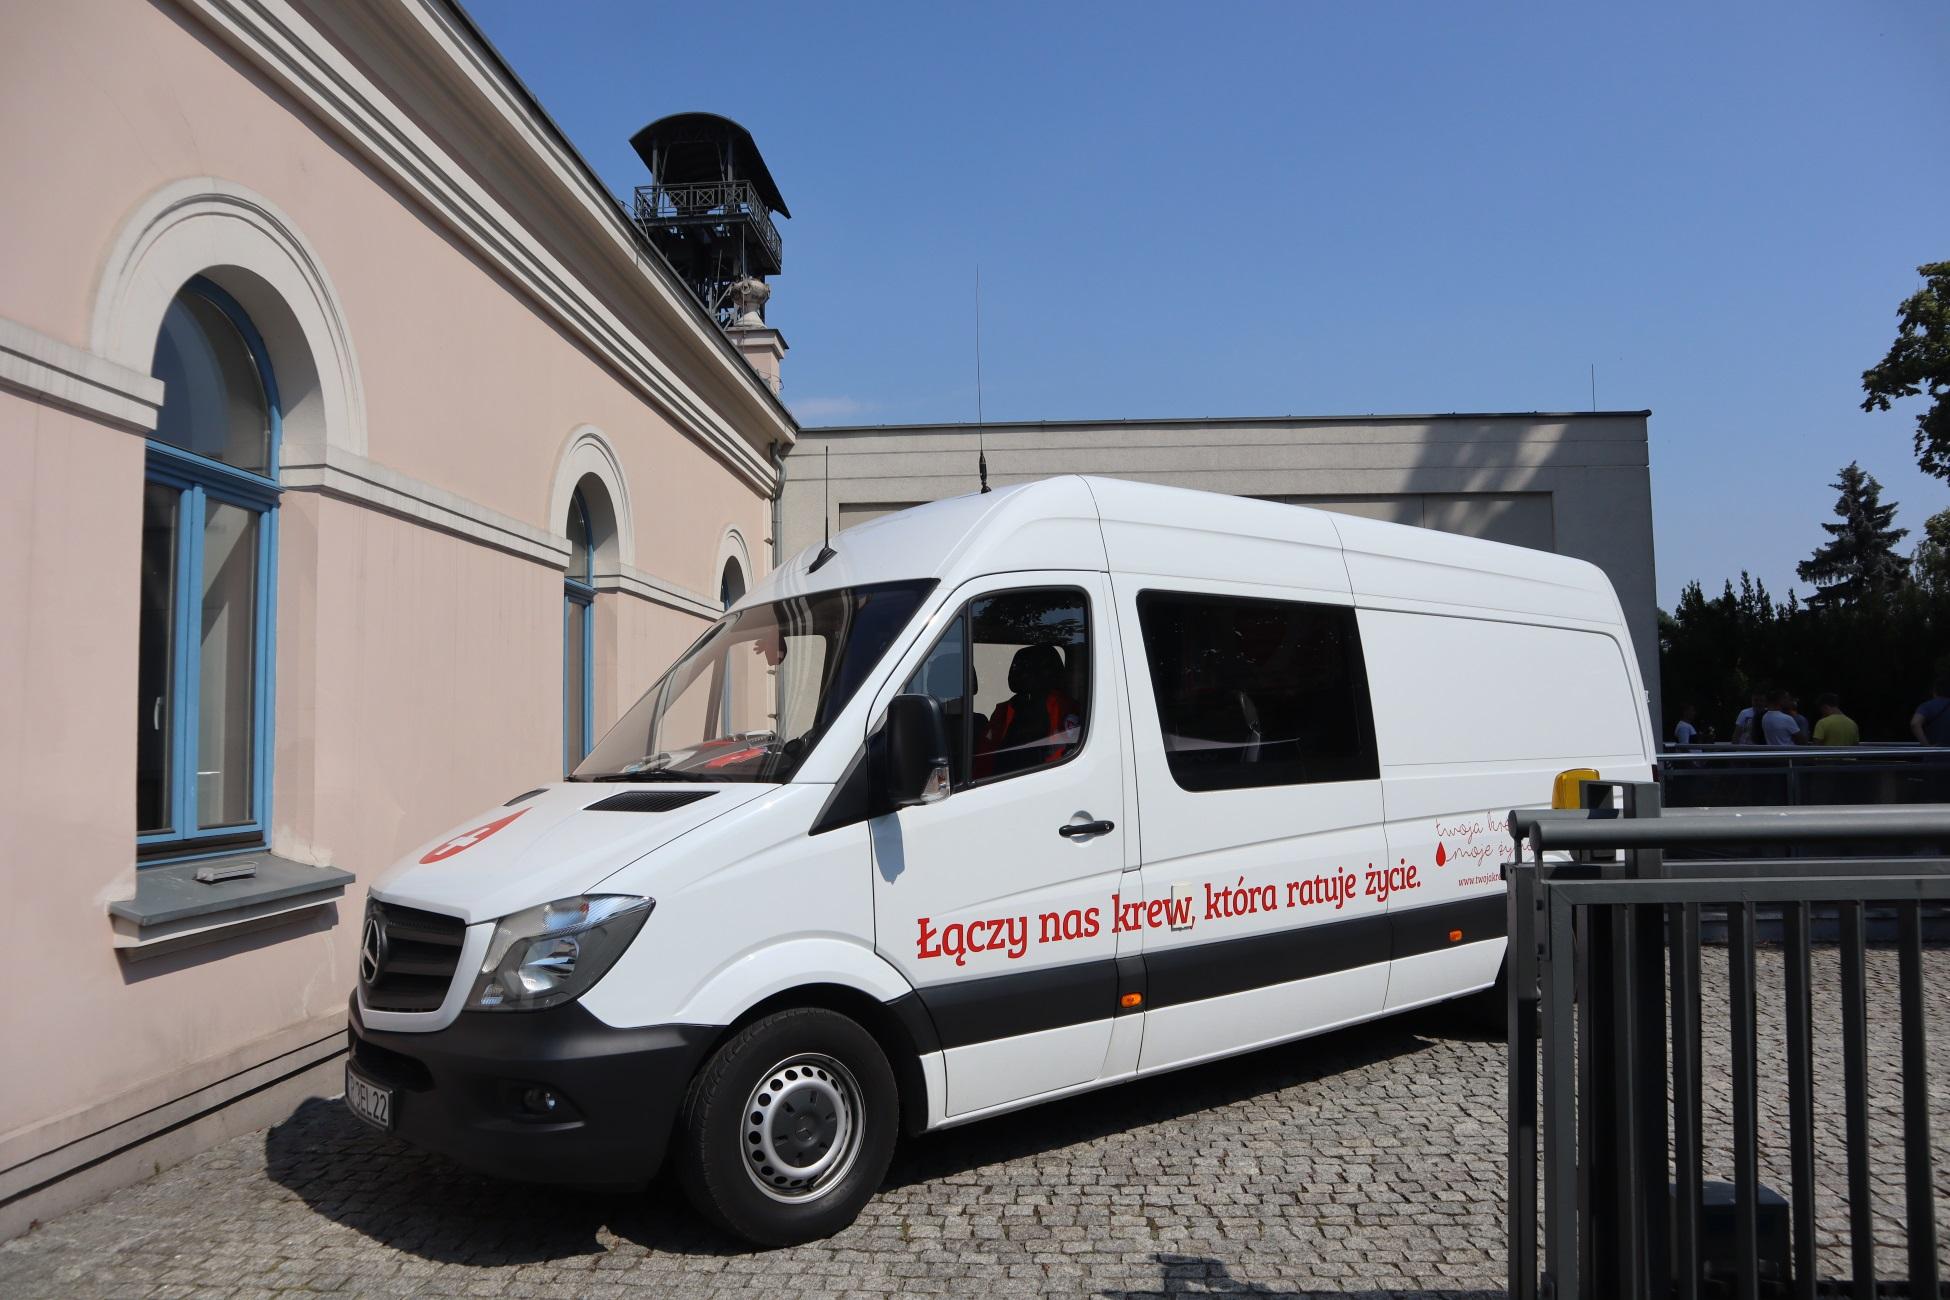 """Biały van z napisem na boku """"Łączy nas krew, która ratuje życie"""". Samochód jest zaparkowany przed budynkiem nadszybia szybu Regis"""